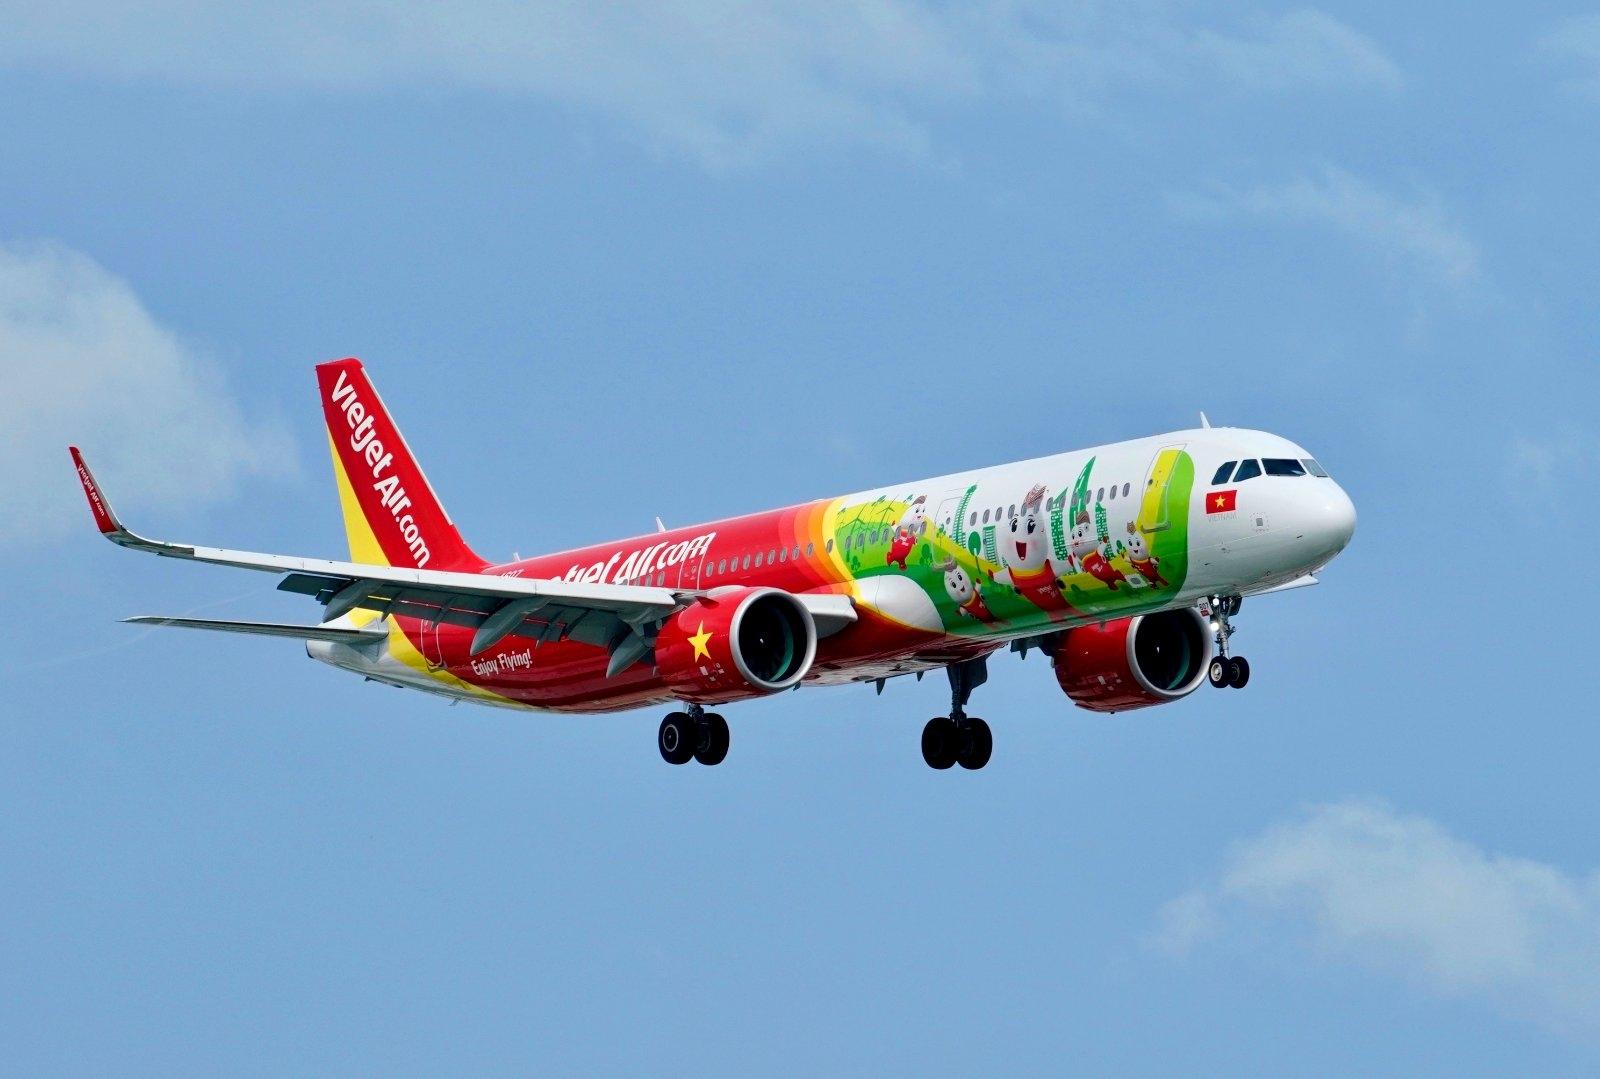 Trải nghiệm hạng vé SkyBoss nâng cấp và Deluxe mới trên những chuyến bay thương mại quốc tế thường lệ đầu tiên của Vietjet